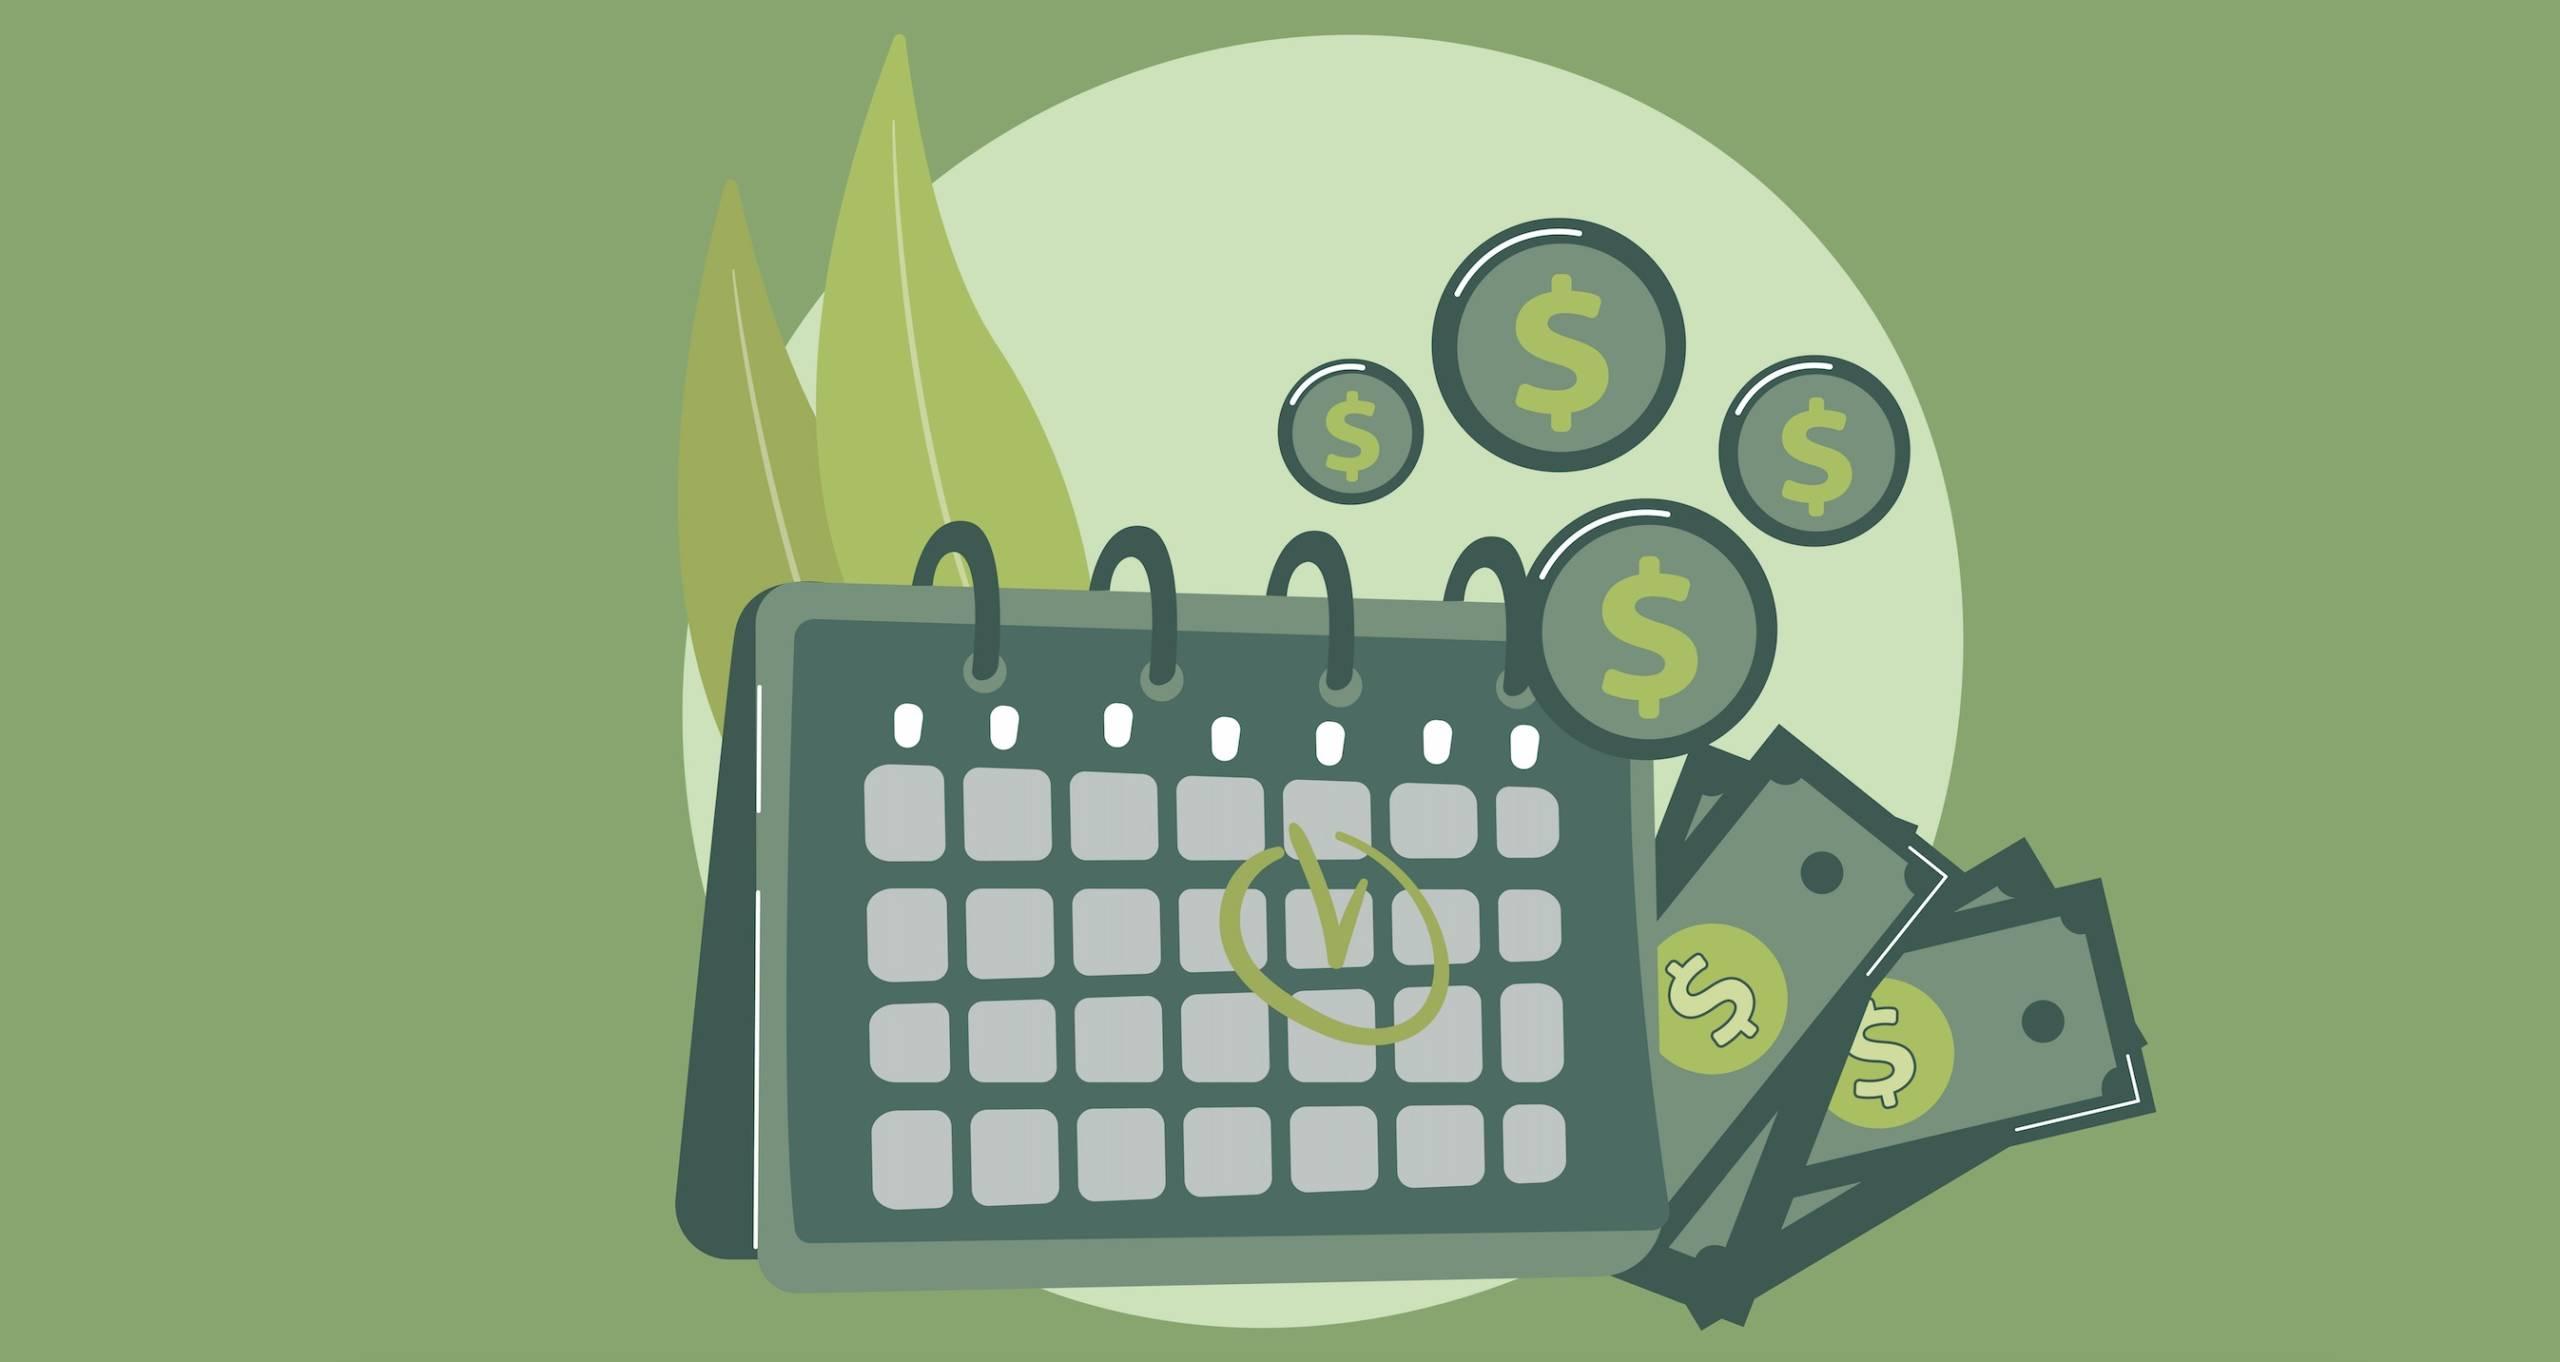 generate income streams